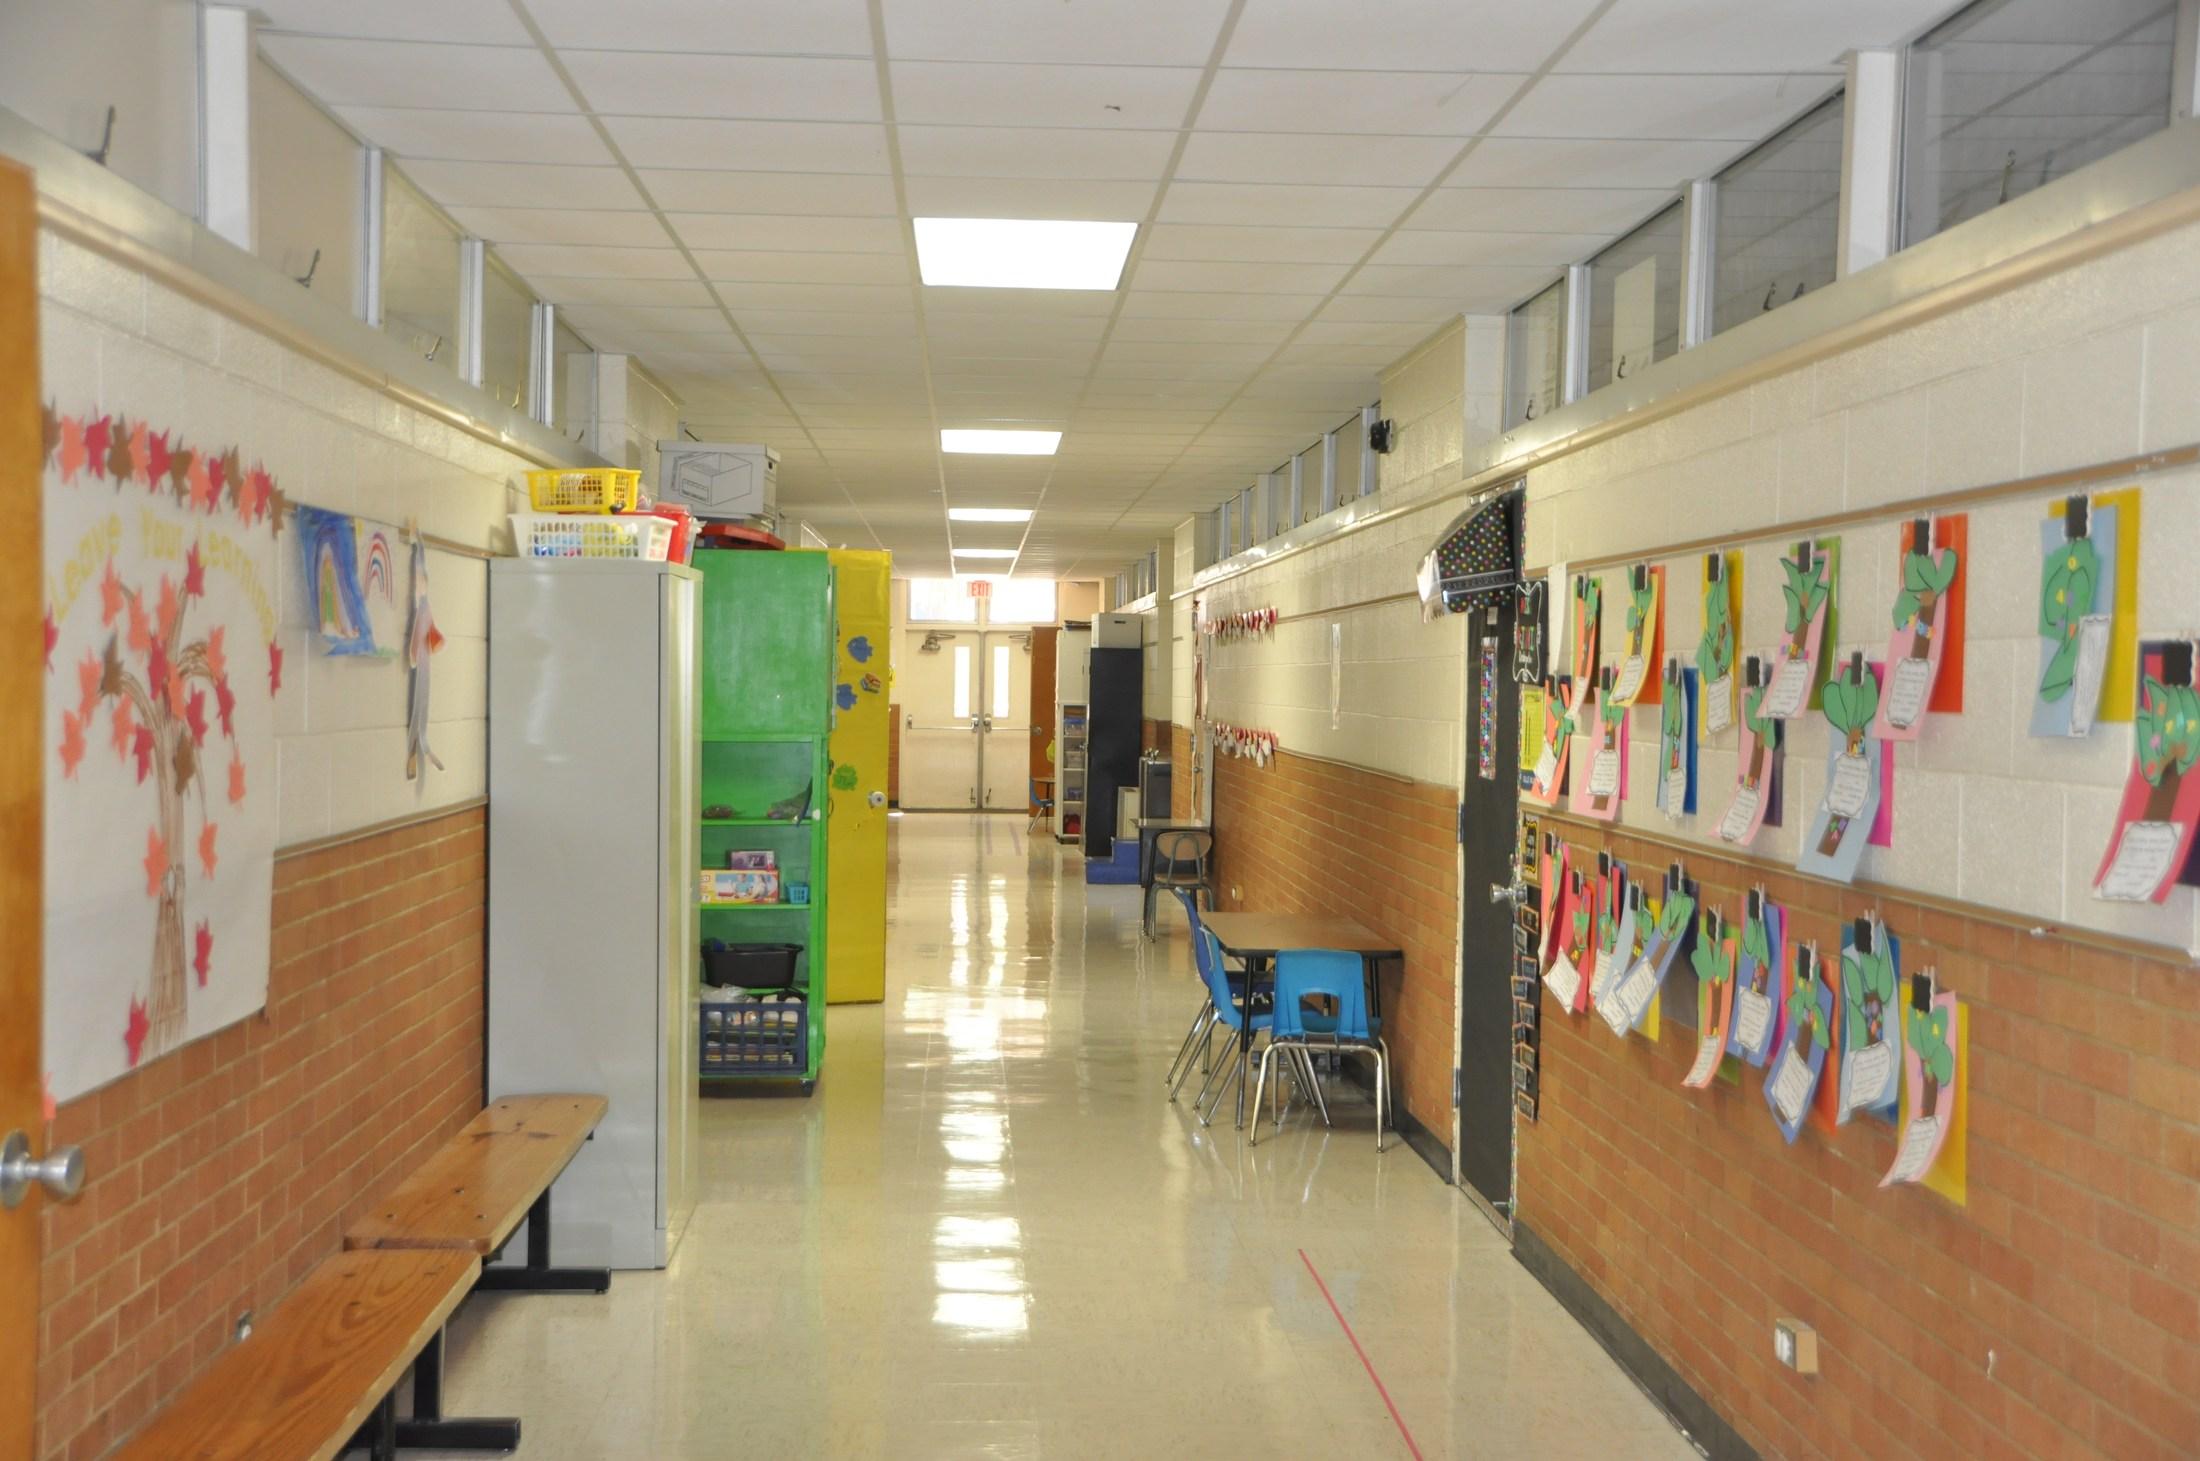 Elementary School Hallway | www.pixshark.com - Images ...